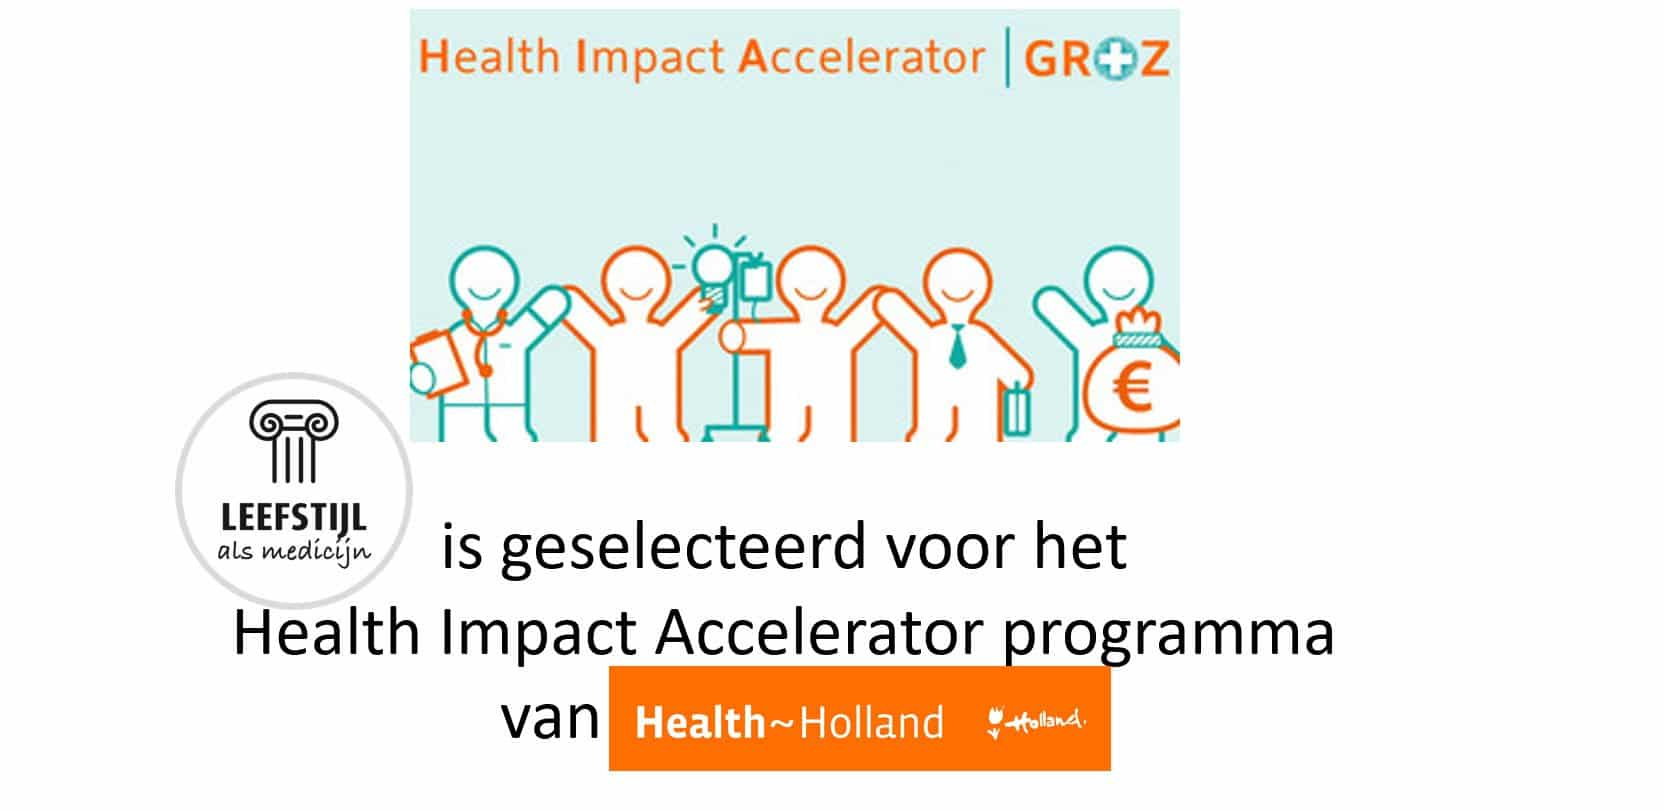 Stichting JLAM is geselecteerd voor het Health Impact Acceletor programma van Health Holland